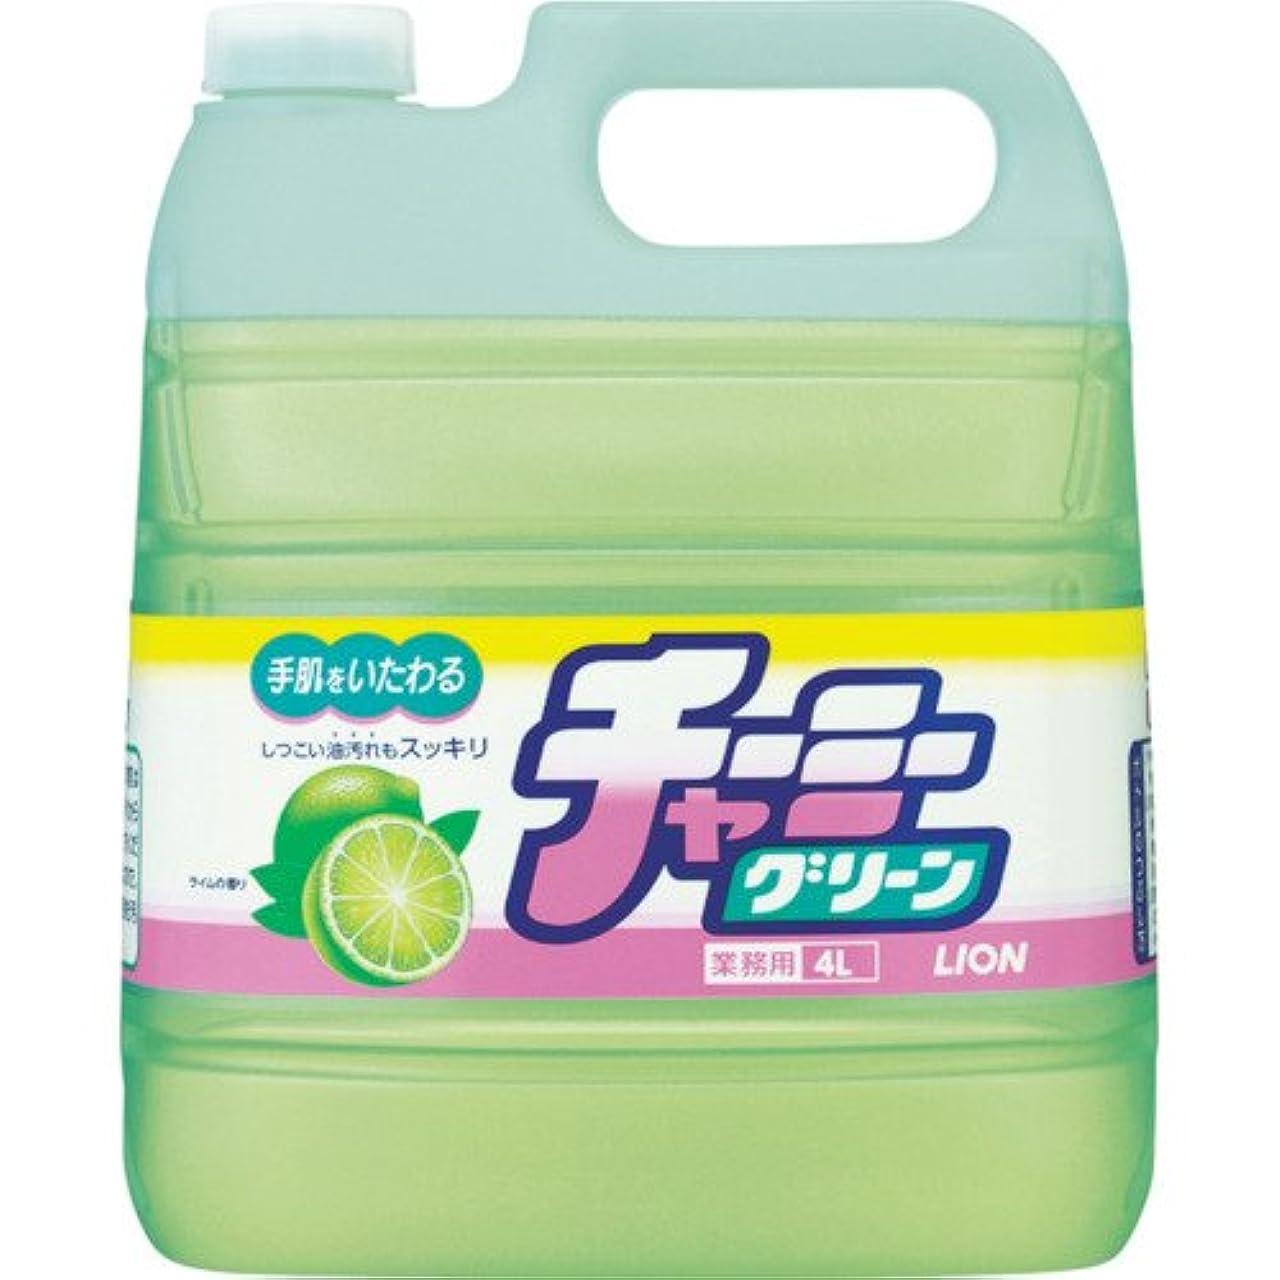 厚い理容室返済【業務用 大容量】チャーミーグリーン 食器野菜用洗剤 4L